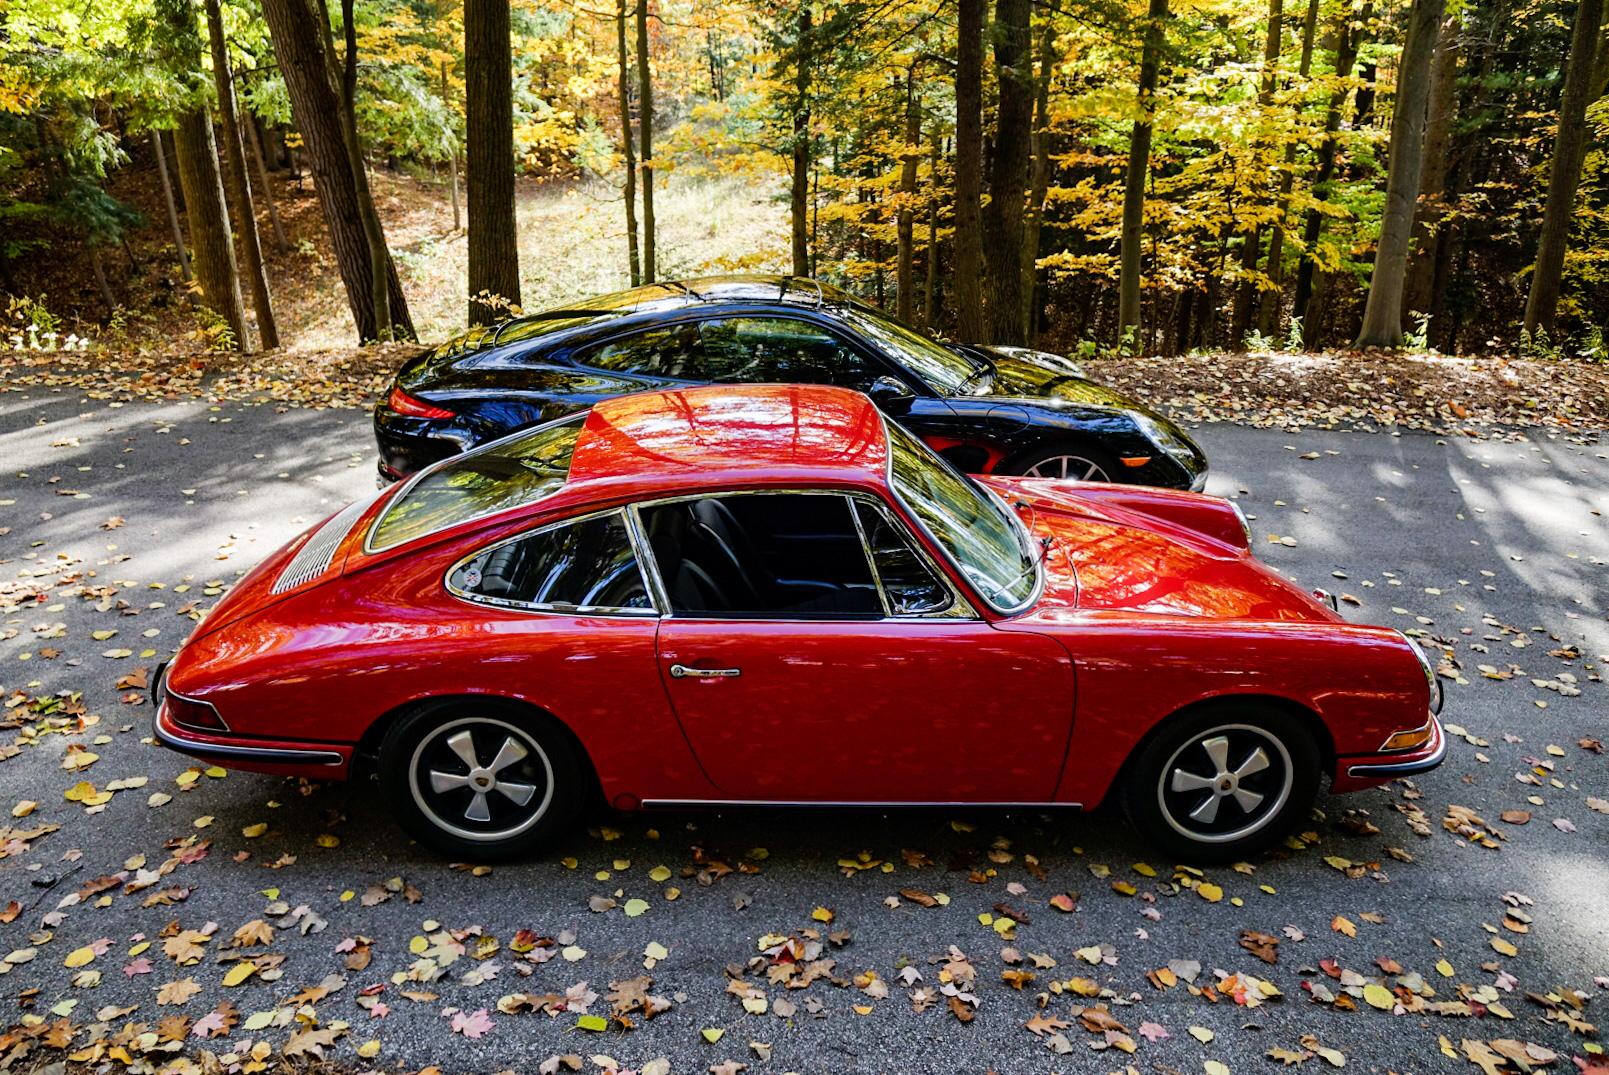 1967 Porsche 911S and 2013 Porsche 911 Carrera 4S profile